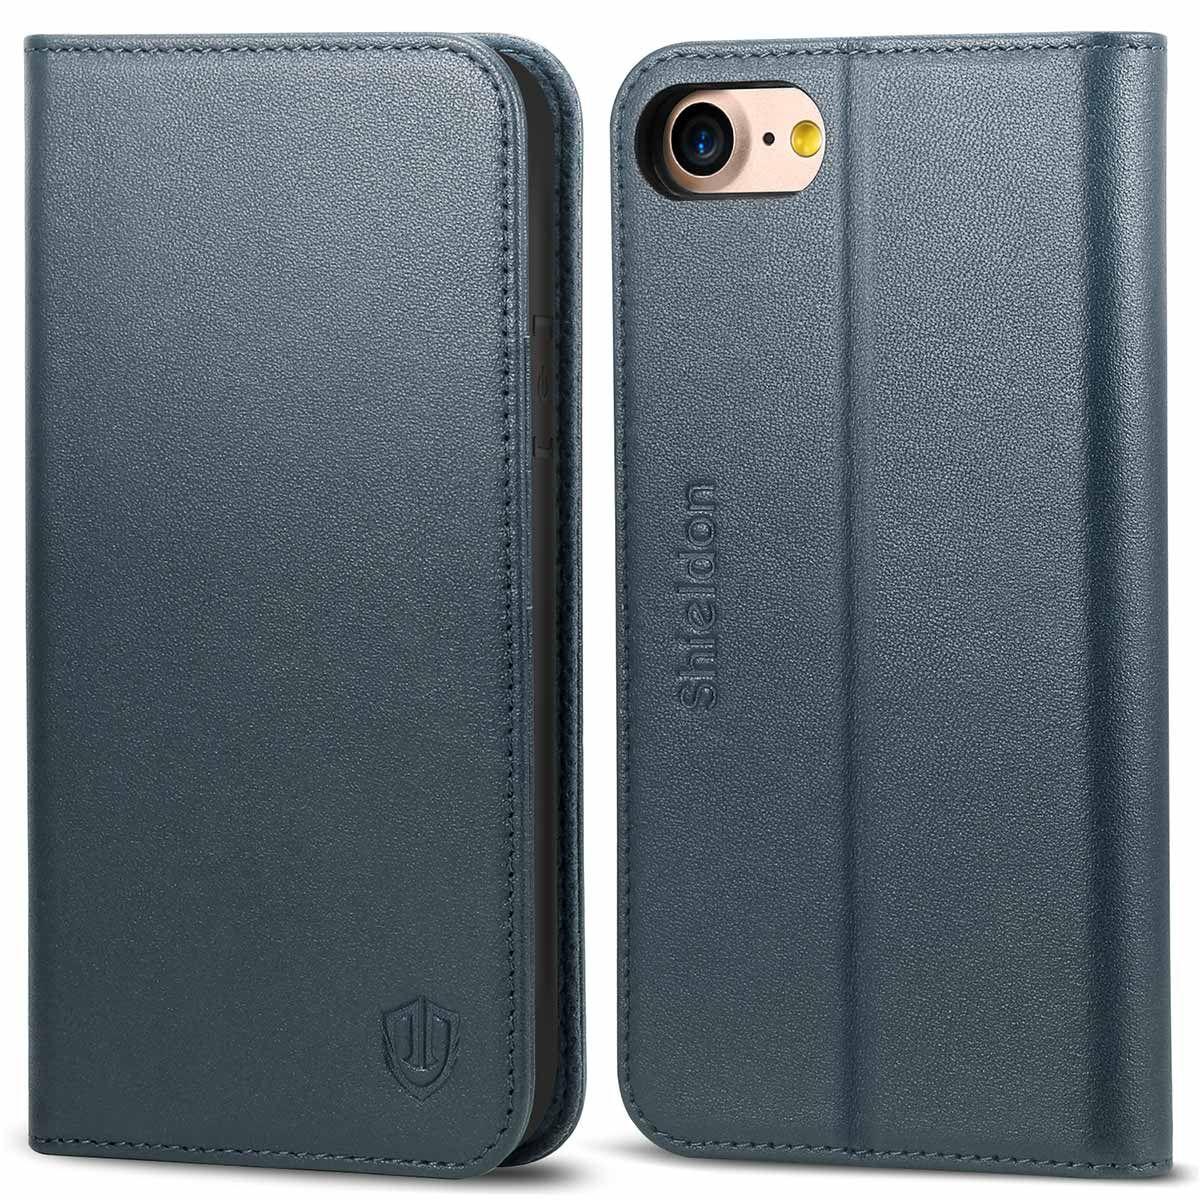 iphone 8 premium leather case